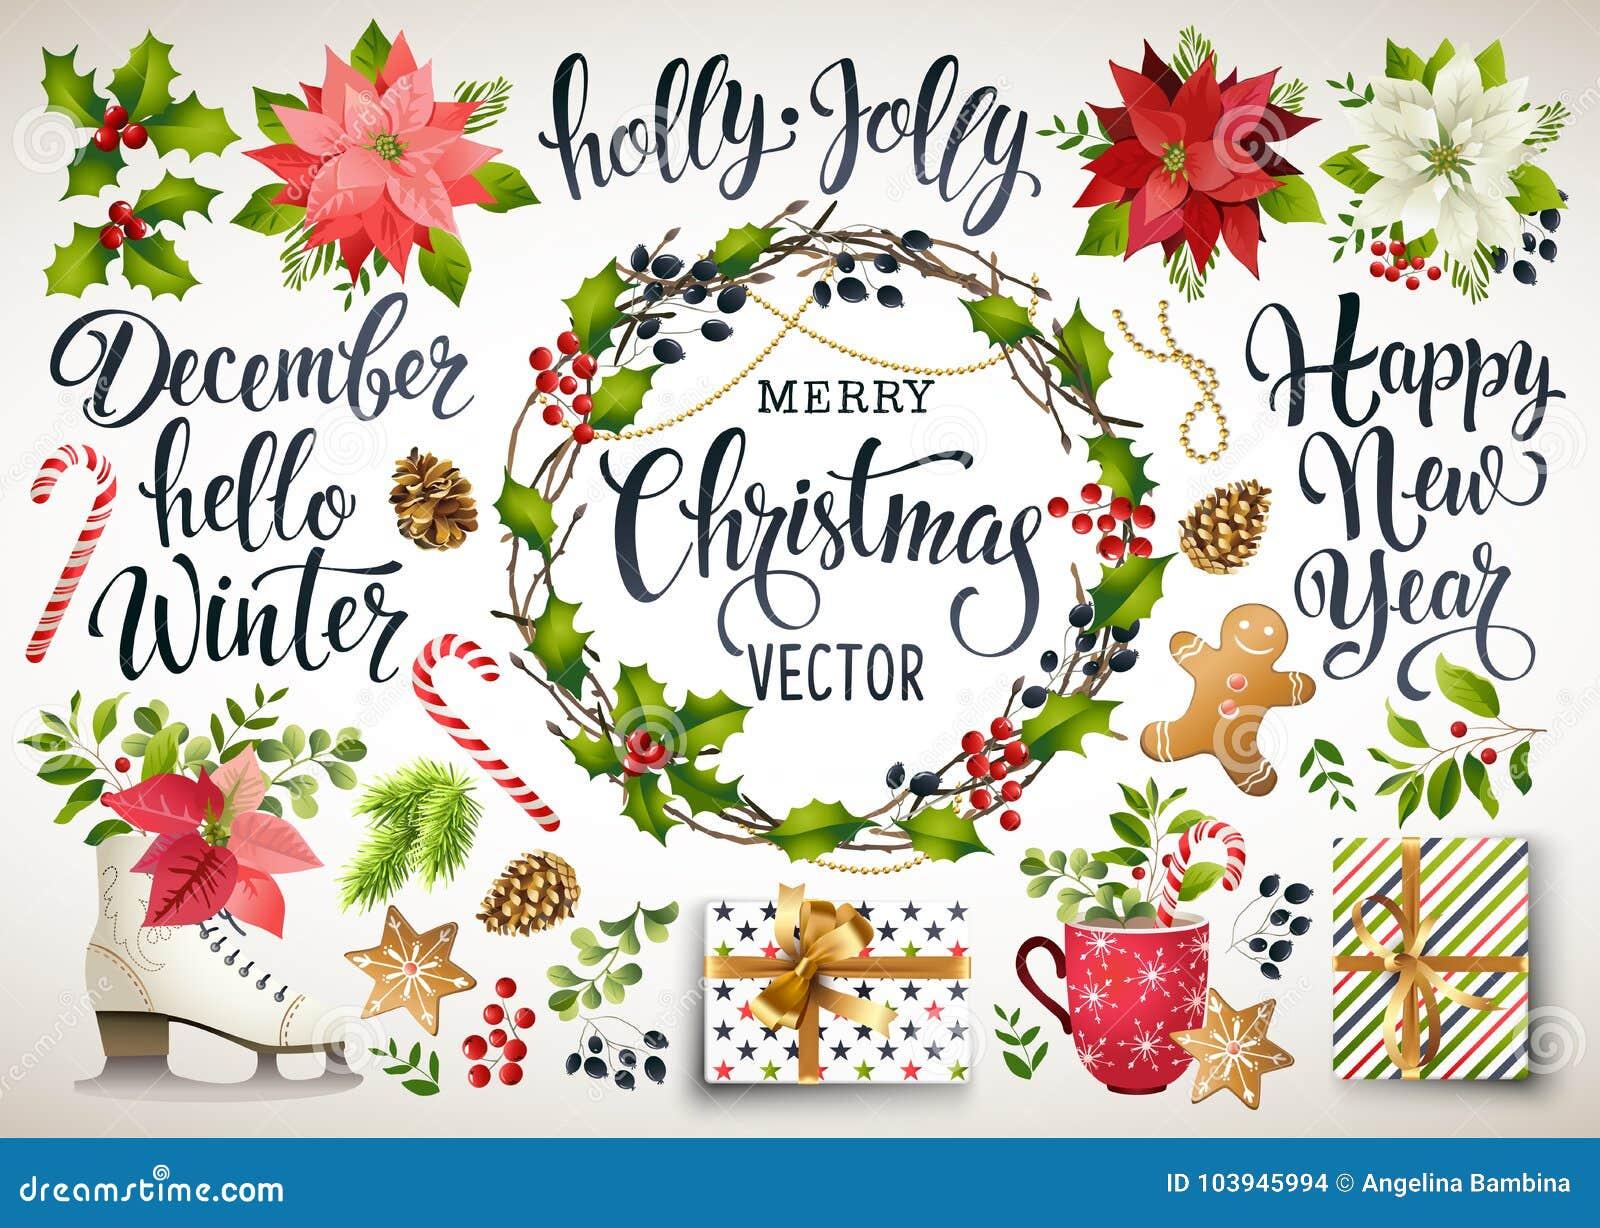 Weihnachtsbühnenbild der Poinsettias, der Tannenzweige, der Kegel, der Stechpalme und anderer Anlagen Abdeckung, Einladung, Fahne